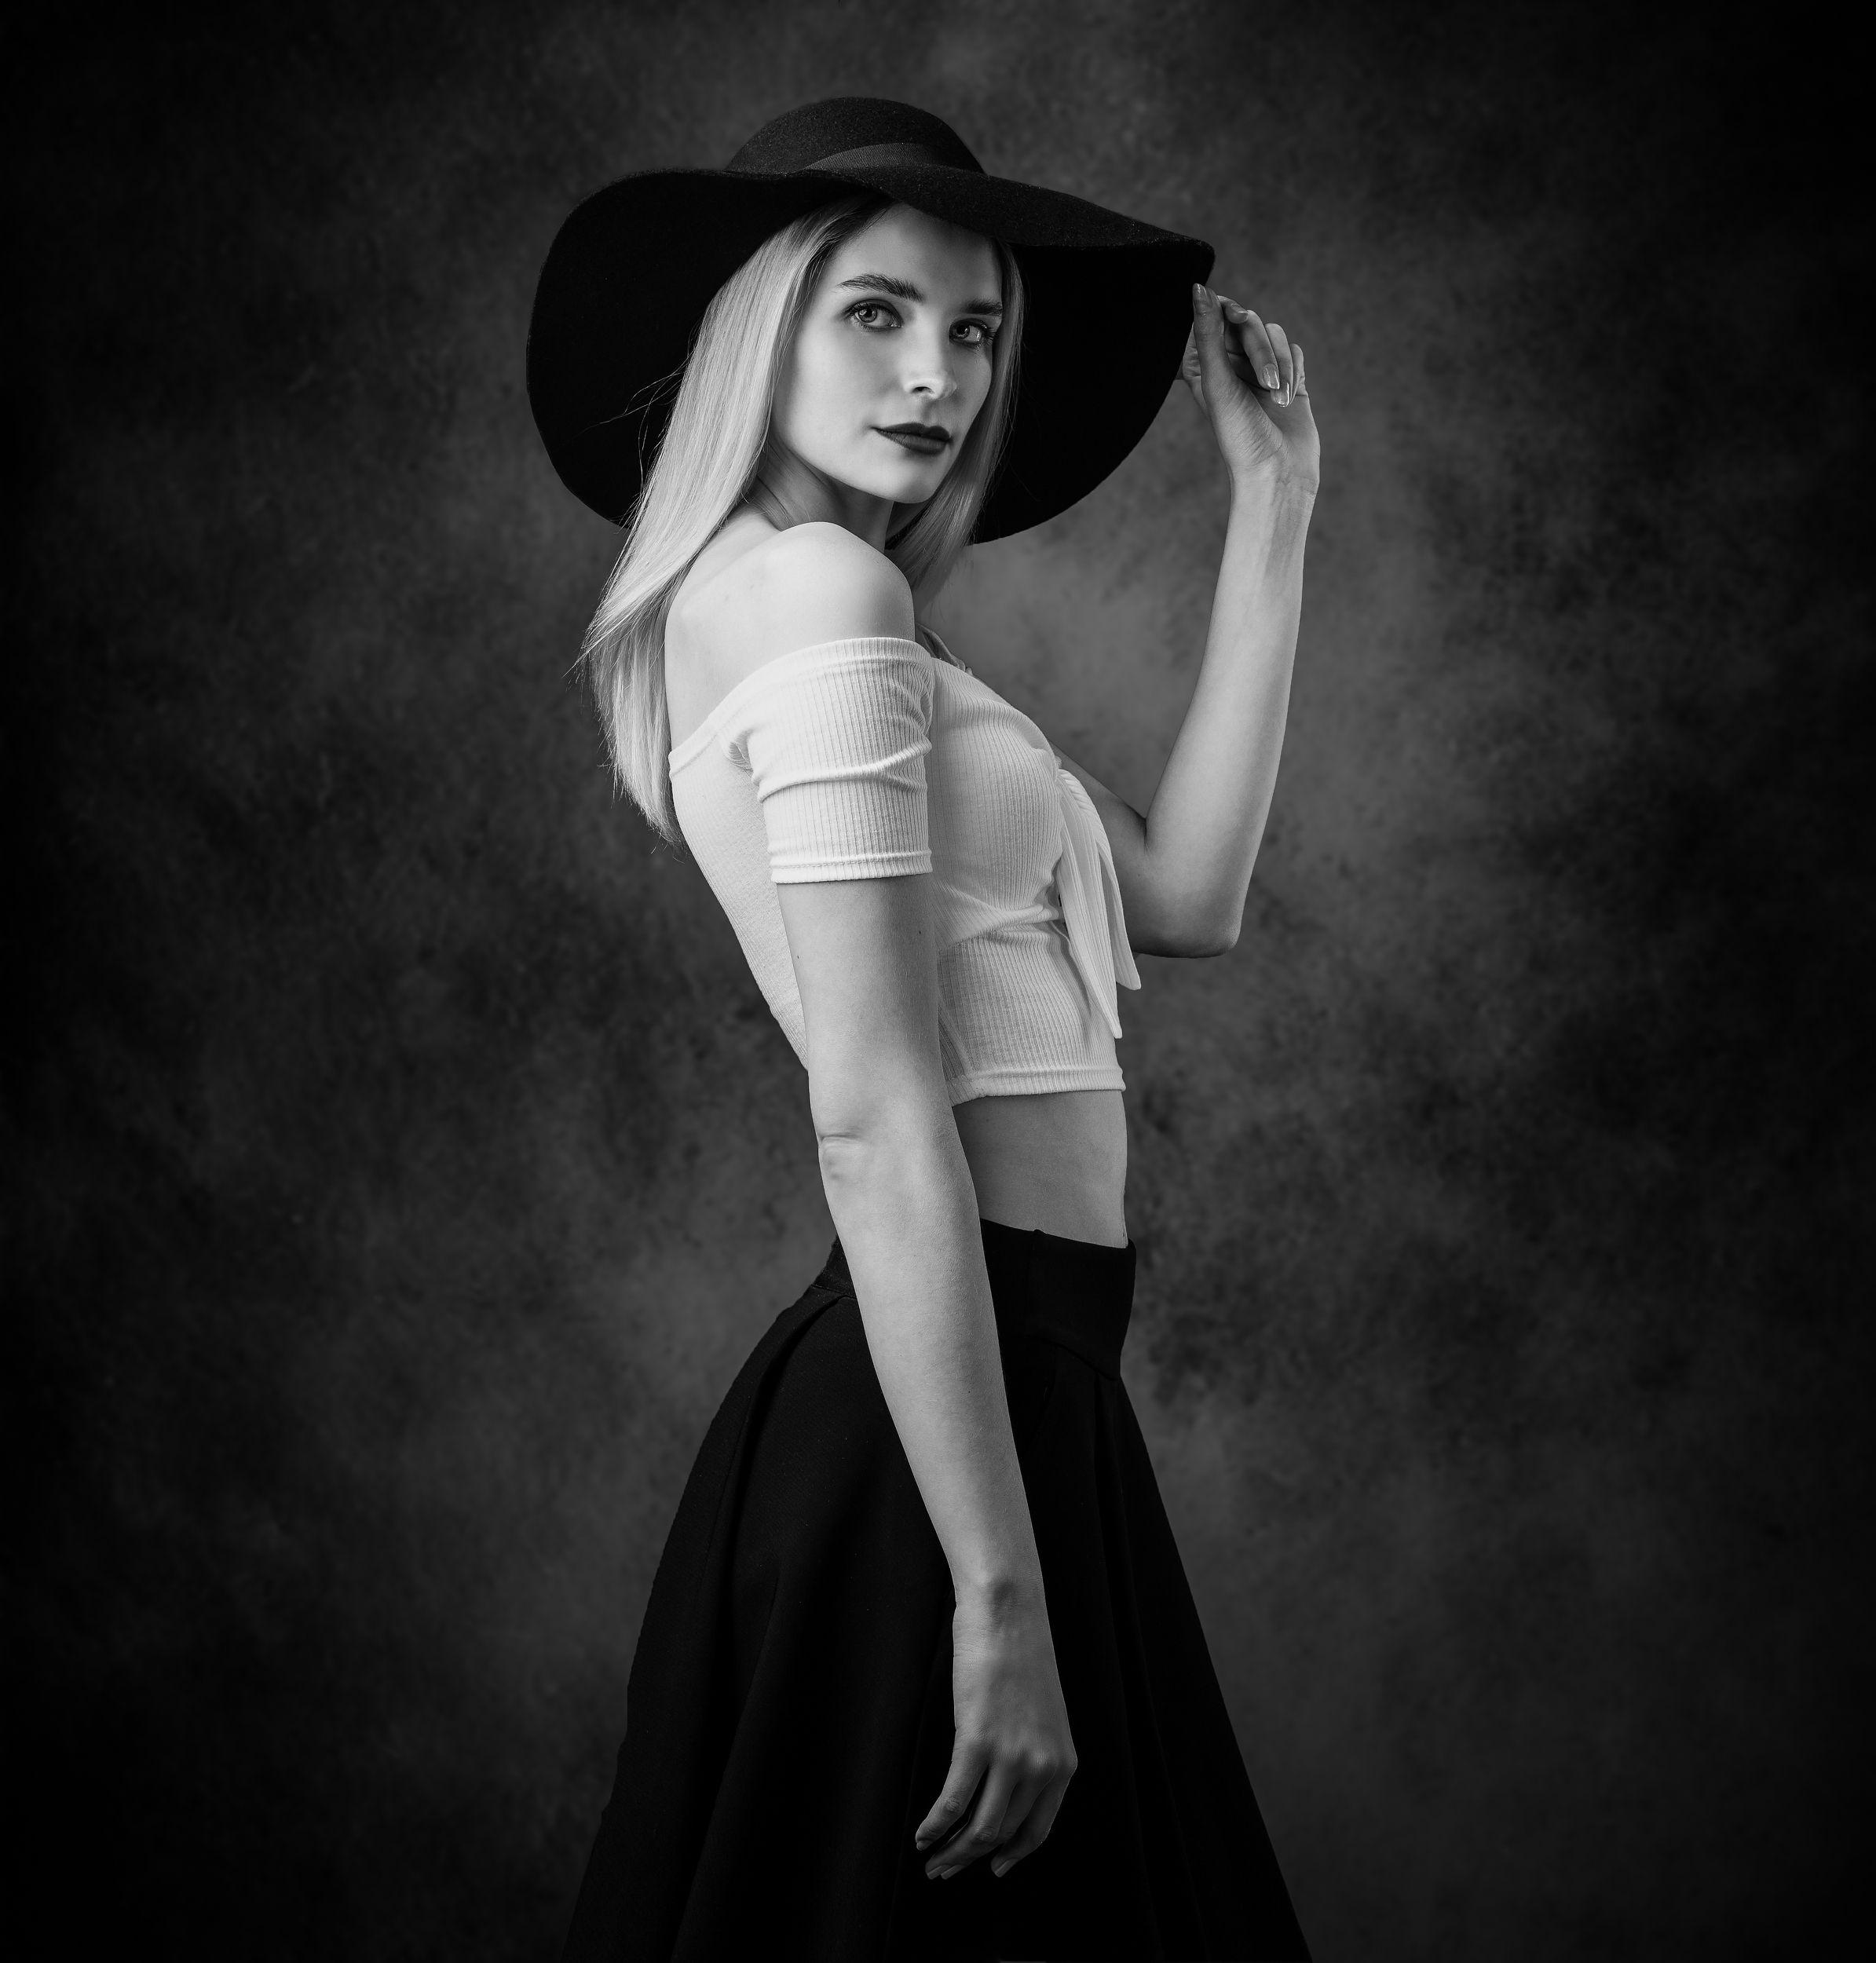 студийный портрет, красивая девушка, женский портрет, концептуальное, арт, чб, Бабаев Зураб